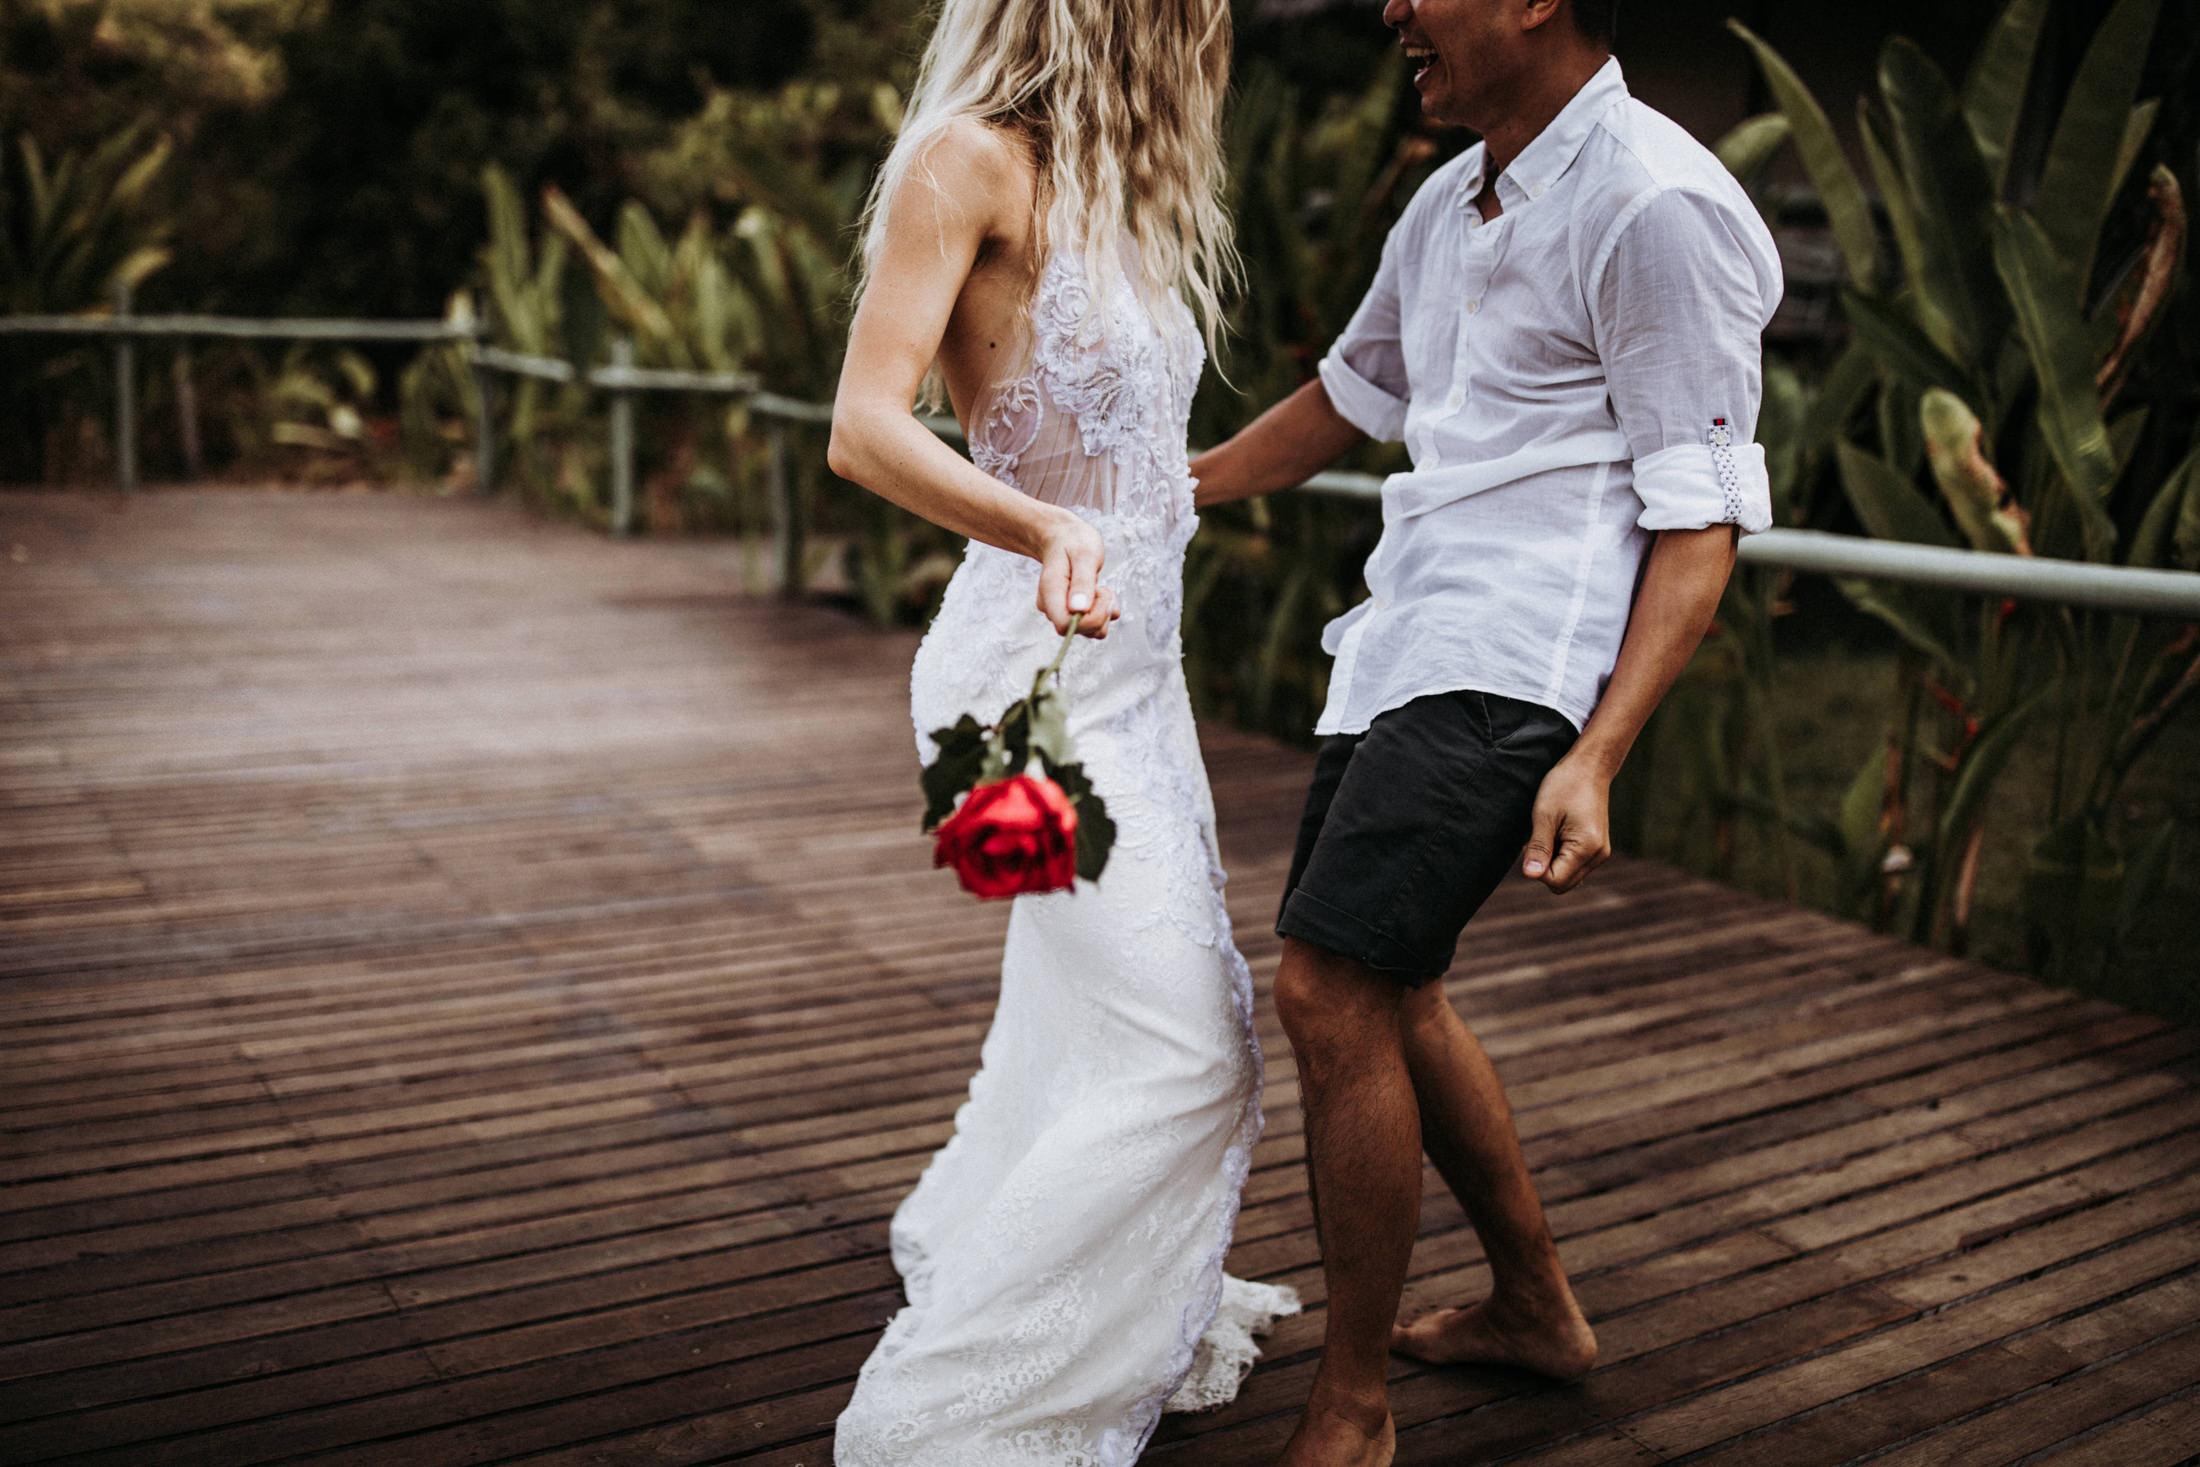 DanielaMarquardt_Wedding_Thailand_495